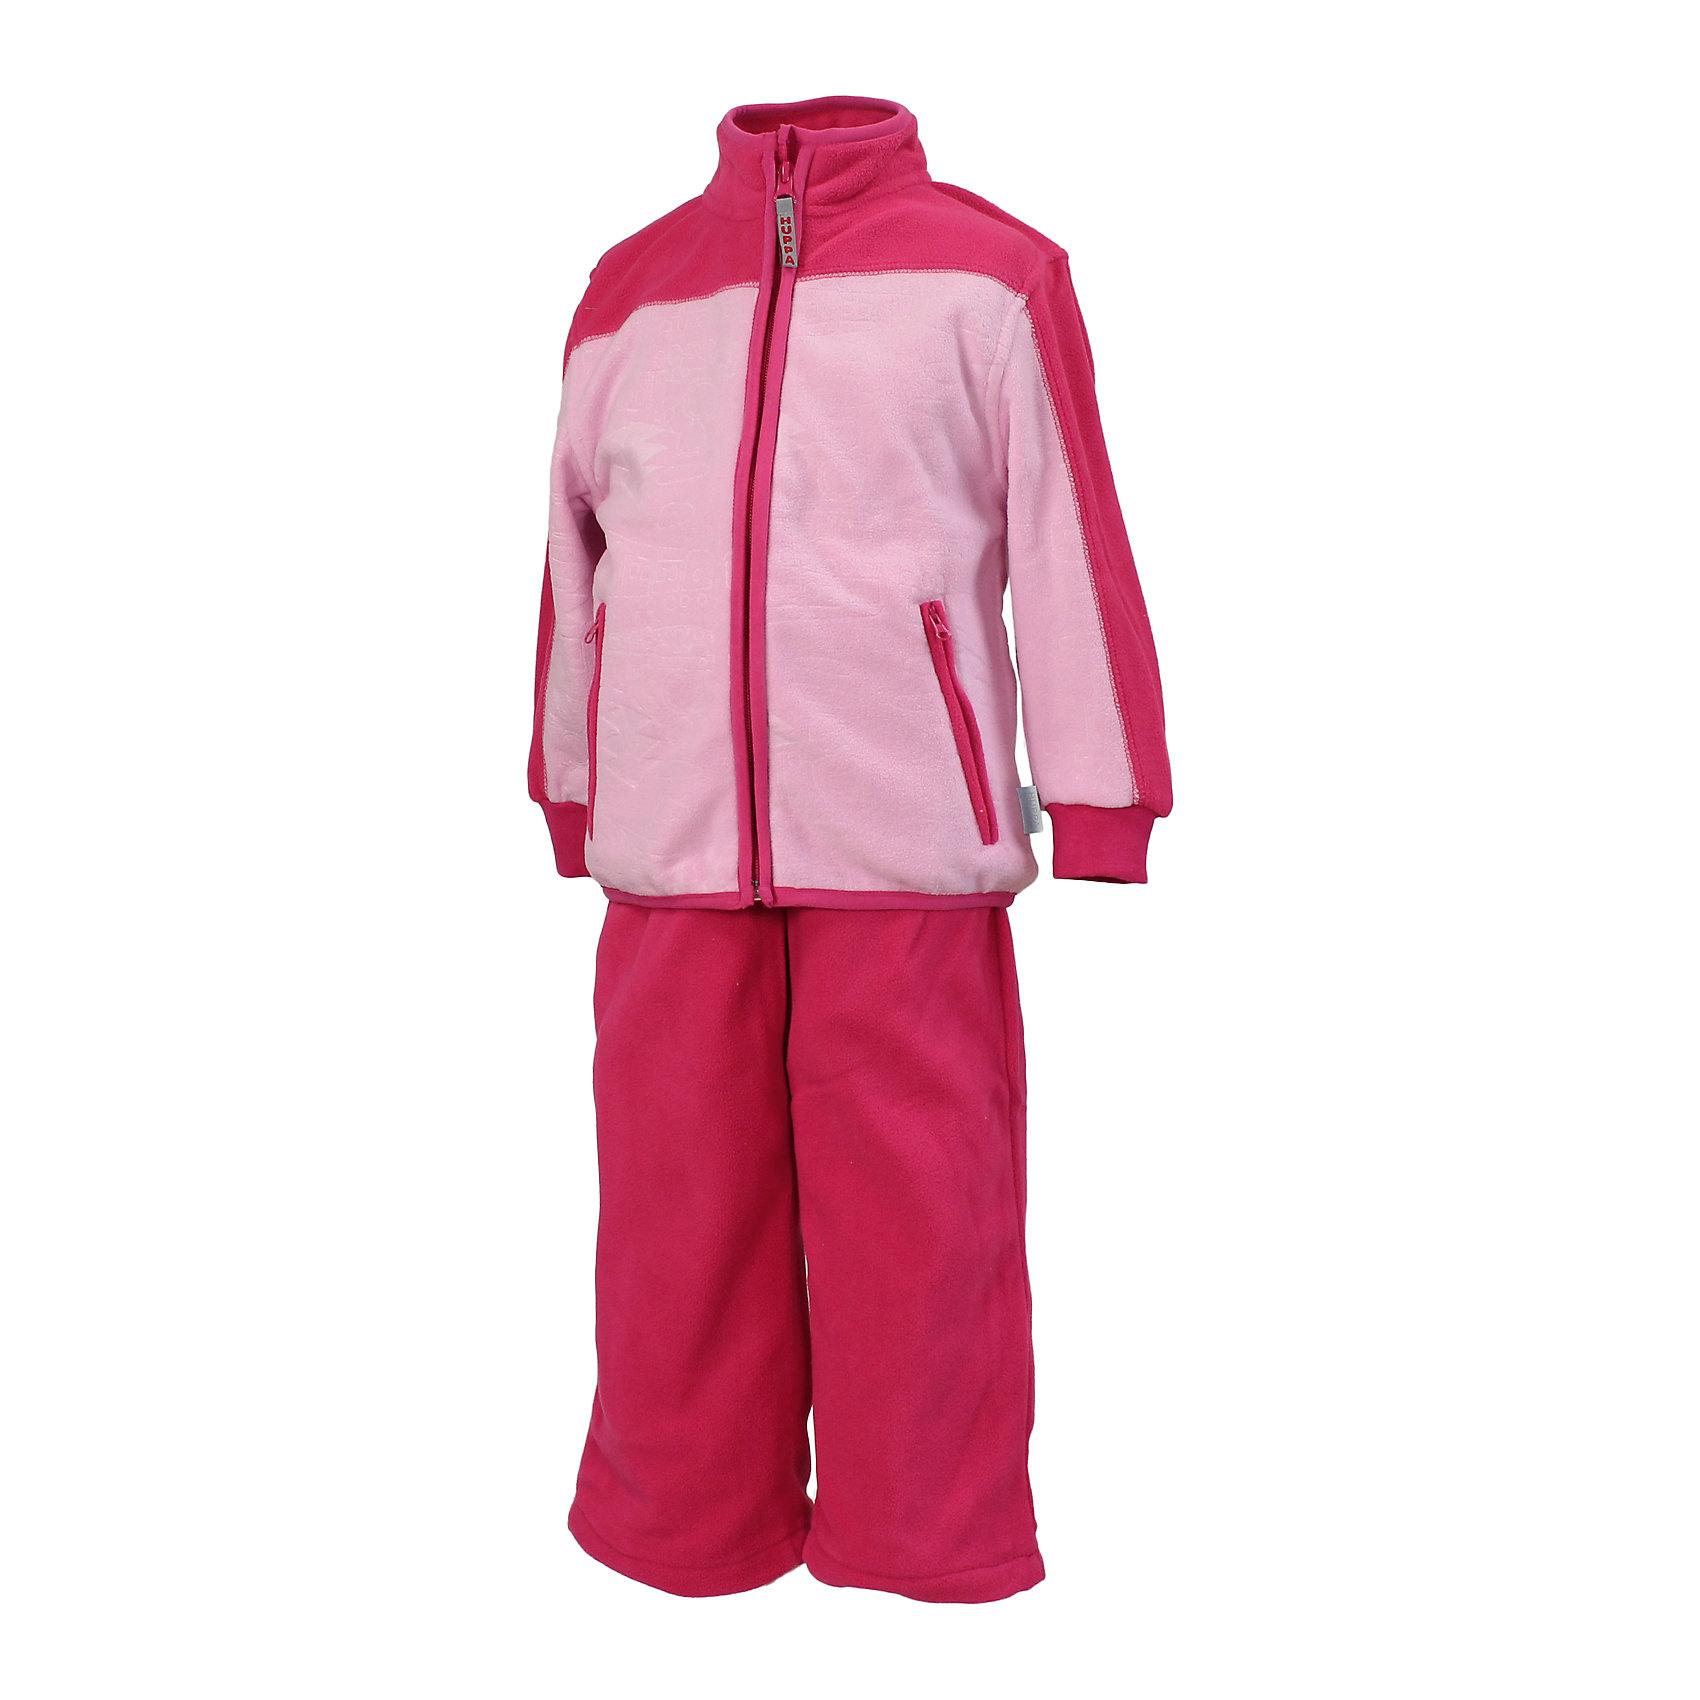 Комплект для девочки: куртка и брюки HuppaМягкий флисовый комплект для детей, в котором будет приятно играть в прохладную погоду. Комплект идеально подходит и для надевания под верхнюю одежду. Для удобства ношения на куртке имеются карманы на молнии и рукава с резинкой, а на брюках регулируемый пояс и нижние концы штанин. <br><br>Дополнительная информация:<br><br>Ткань: флис - 100% полиэстер<br><br>Комлект для девочки: Куртку и брюки Huppa (Хуппа) можно купить в нашем магазине.<br><br>Ширина мм: 356<br>Глубина мм: 10<br>Высота мм: 245<br>Вес г: 519<br>Цвет: розовый<br>Возраст от месяцев: 72<br>Возраст до месяцев: 84<br>Пол: Женский<br>Возраст: Детский<br>Размер: 122,134,128,110,104,98,116<br>SKU: 4242707